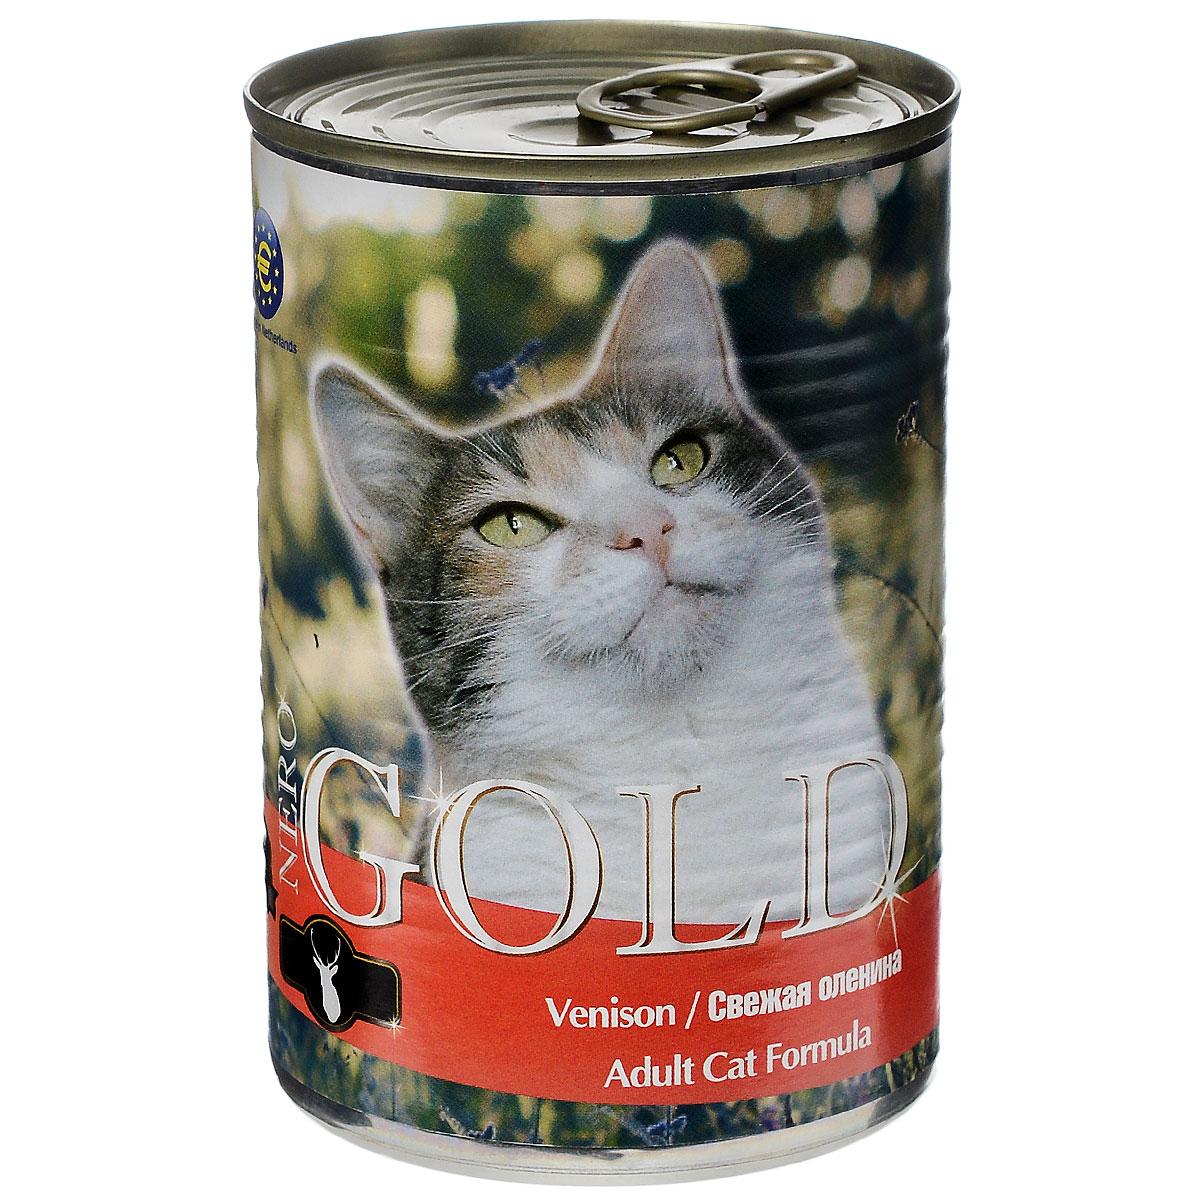 Консервы для кошек Nero Gold, свежая оленина, 410 г0120710Консервы для кошек Nero Gold - полнорационный продукт, содержащий все необходимые витамины и минералы, сбалансированный для поддержания оптимального здоровья вашего питомца! Состав: мясо и его производные, филе курицы, оленина, злаки, витамины и минералы. Гарантированный анализ: белки 6%, жиры 4,5%, клетчатка 0,5%, зола 2%, влага 81%. Пищевые добавки на 1 кг продукта: витамин А 1600 МЕ, витамин D 140 МЕ, витамин Е 10 МЕ, таурин 300 мг, железо 24 мг, марганец 6 мг, цинк 15 мг, медь 1 мг, магний 200 мг, йод 0,3 мг, селен 0,2 мг.Вес: 410 г. Товар сертифицирован.